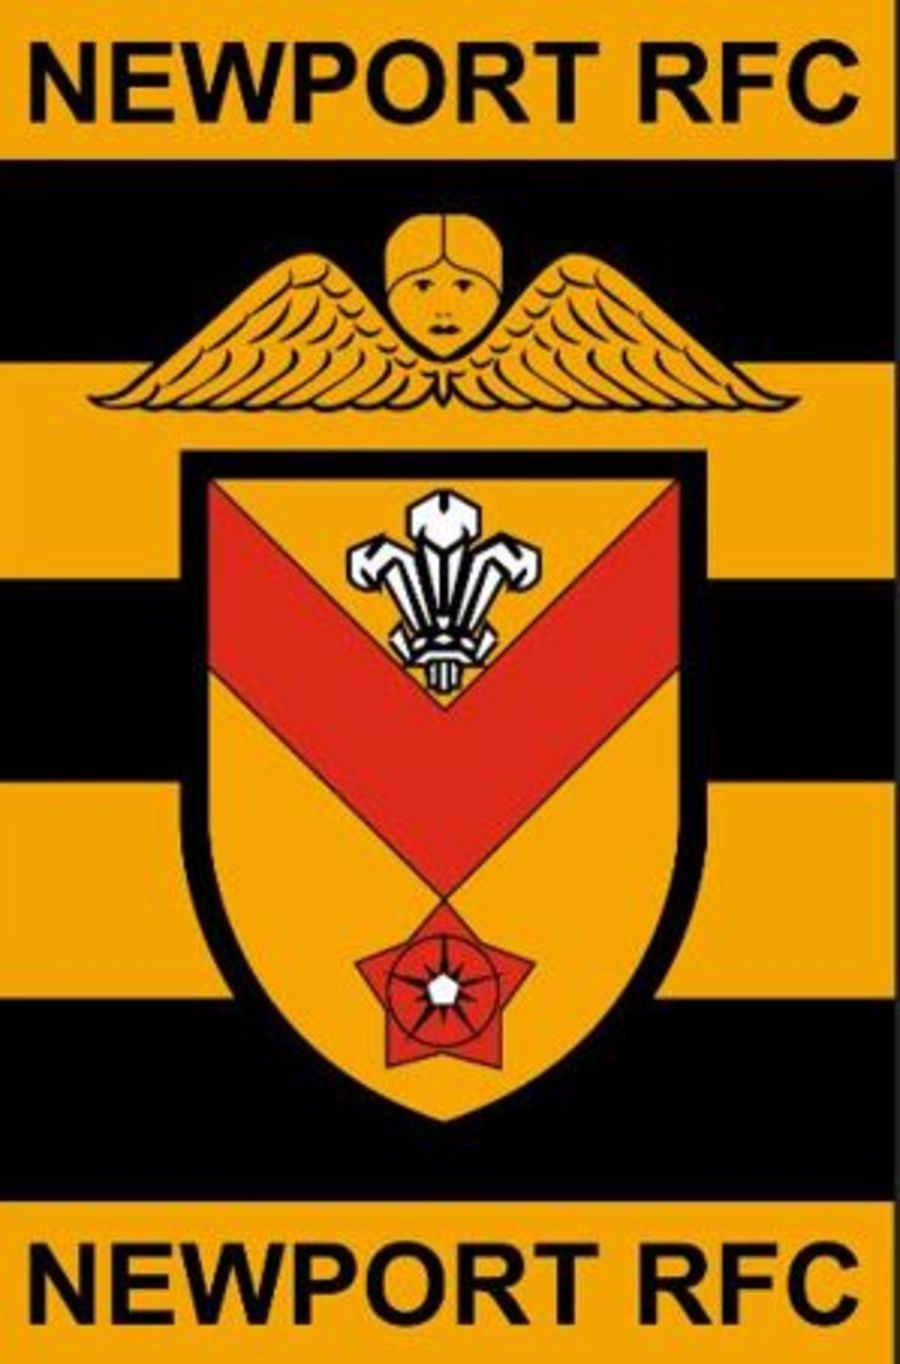 FoNR - Newport RFC Towel